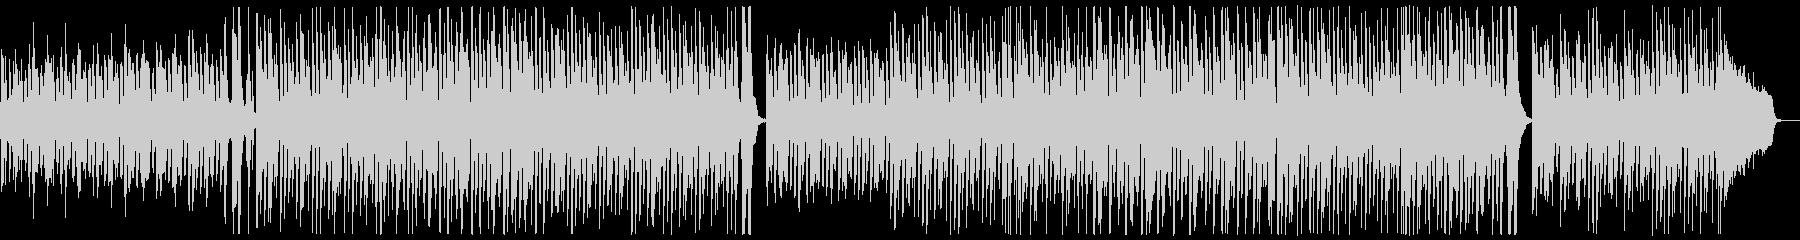 ポップピアノレクリエーション:メロディ無の未再生の波形